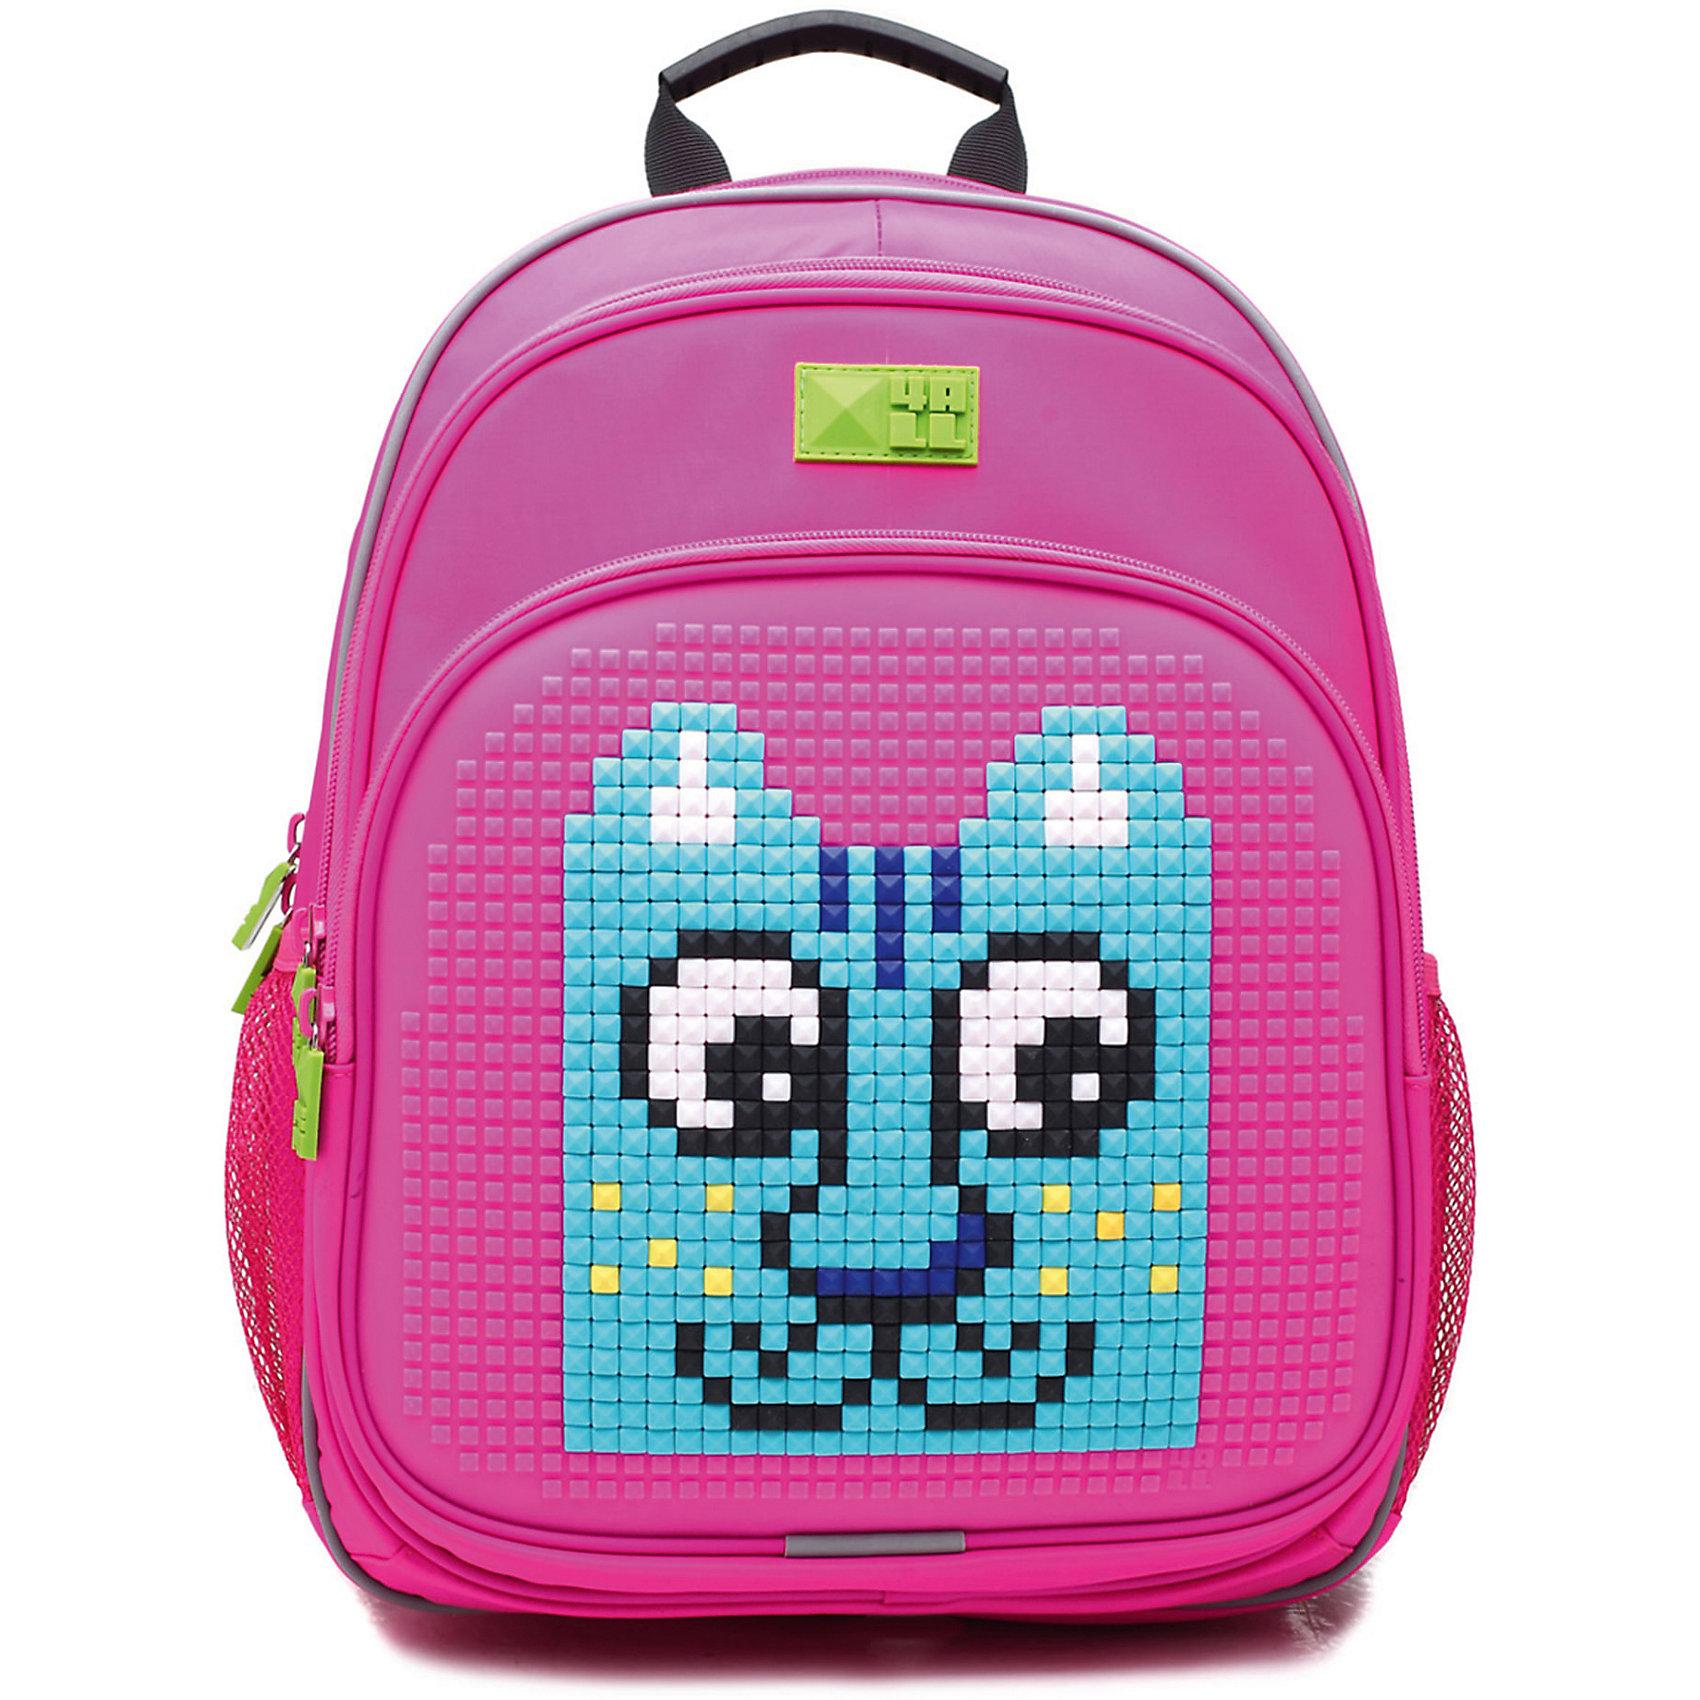 Рюкзак 4ALL, линия Kids, розовыйРюкзаки<br>Ортопедический рюкзак 4ALL для детей от 7 до 12 лет. Размер  39*27*15см. Вес 950 г. Объем 19 литров. Тип застежки - молния. 3 отделения. 2 боковых кармана-сеточка. Содержит светоотражающие элементы.Вмещает А4. Выполнен из высококачественных материалов: PVC, нейлон и гипоаллергенный силикон (на передней поверхности). Ортопедическая спинка и ERGO system (сводобная циркуляция воздуха). Дно мягкое. Регулируемые лямки. Передняя панель предназначена для декорирования. В комплекте каждого рюкзака приложена картинка и набор Битов STANDART (около 300 элементов из силикона различных цветов)<br><br>Ширина мм: 390<br>Глубина мм: 270<br>Высота мм: 150<br>Вес г: 950<br>Возраст от месяцев: 84<br>Возраст до месяцев: 144<br>Пол: Женский<br>Возраст: Детский<br>SKU: 6840942